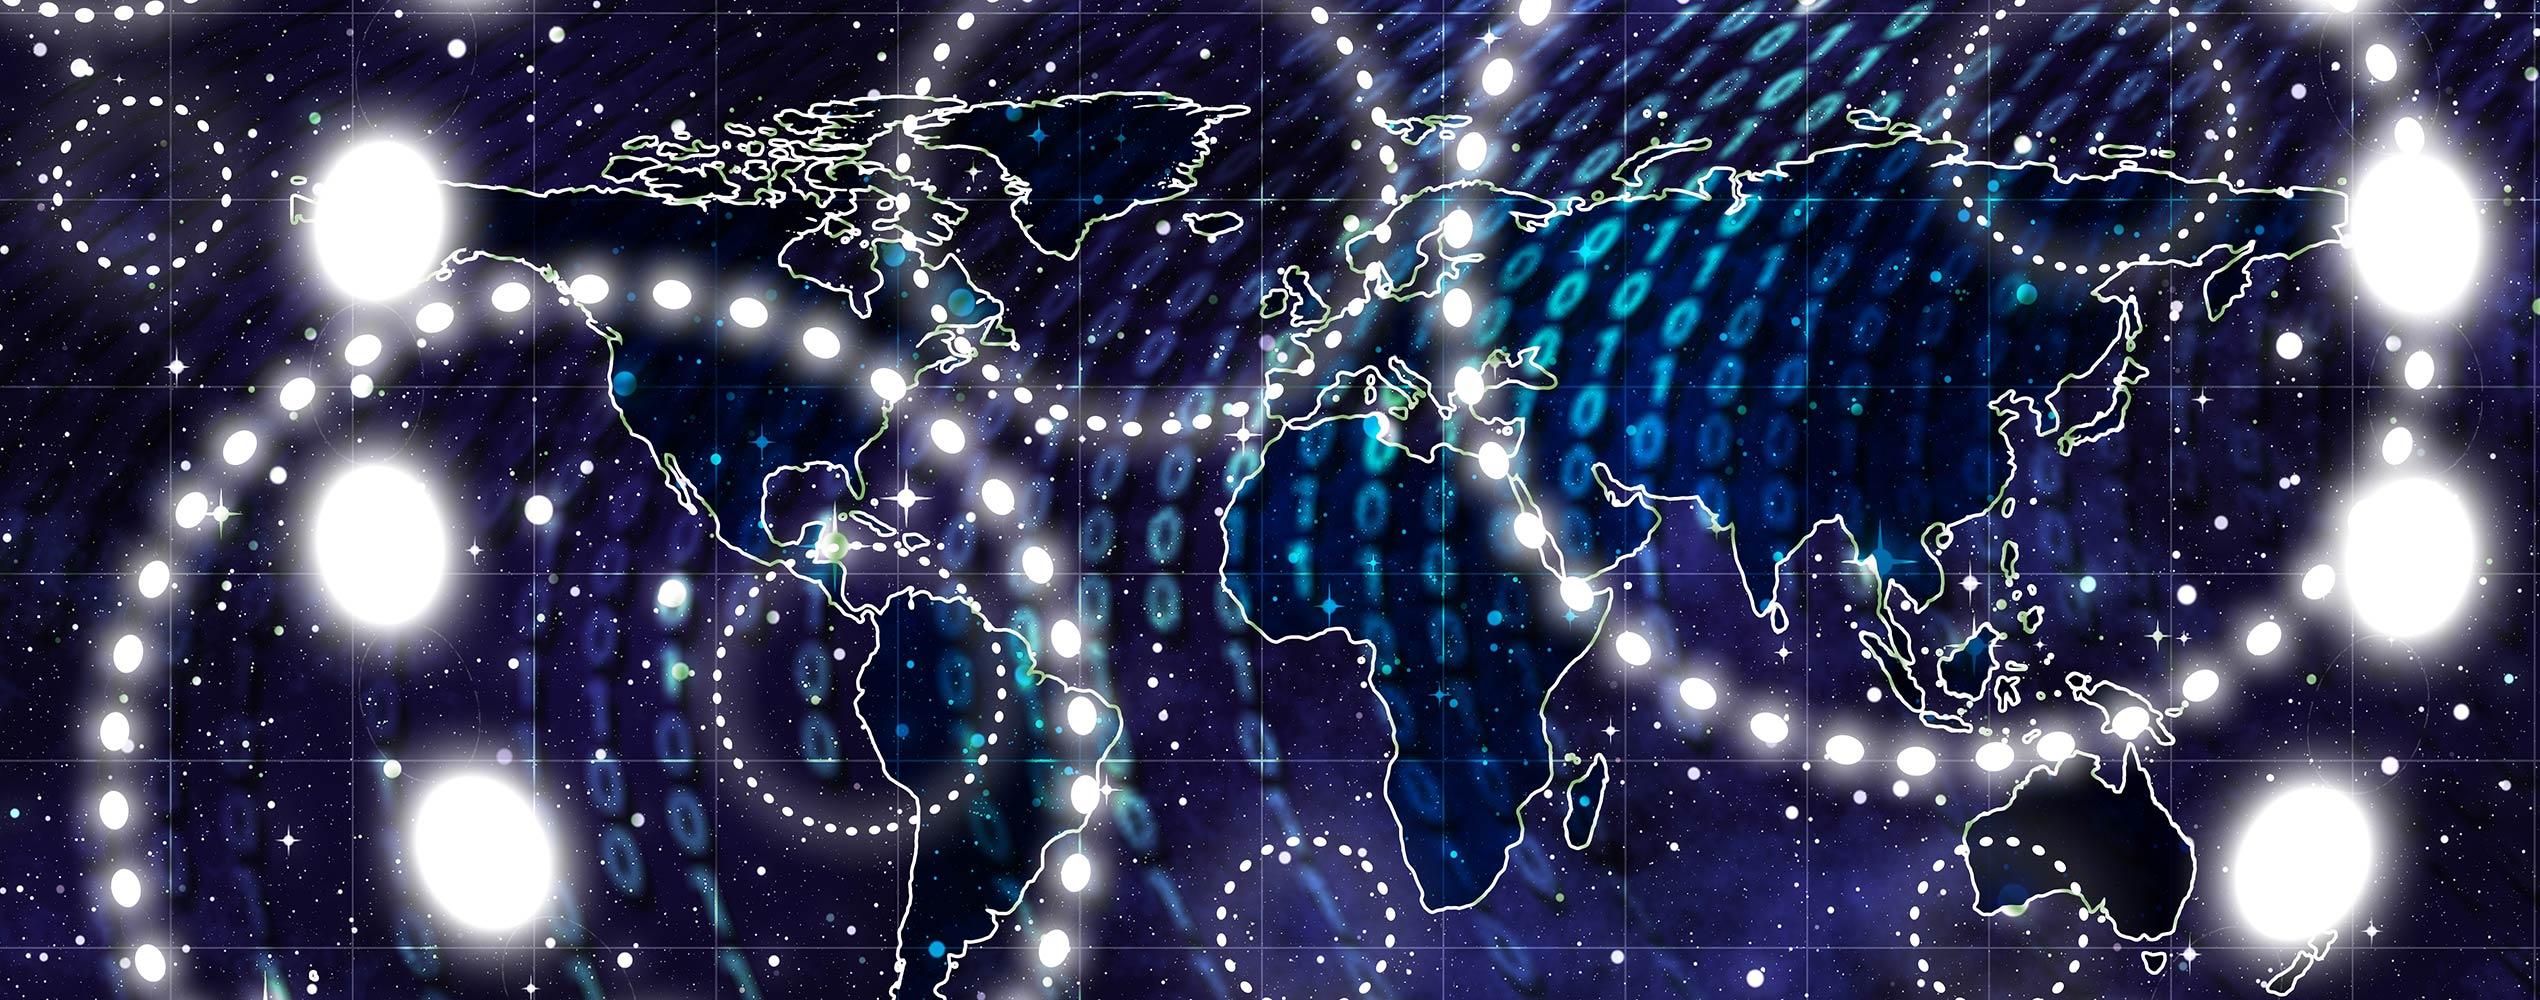 pixabay Kontinente Sterne Digital